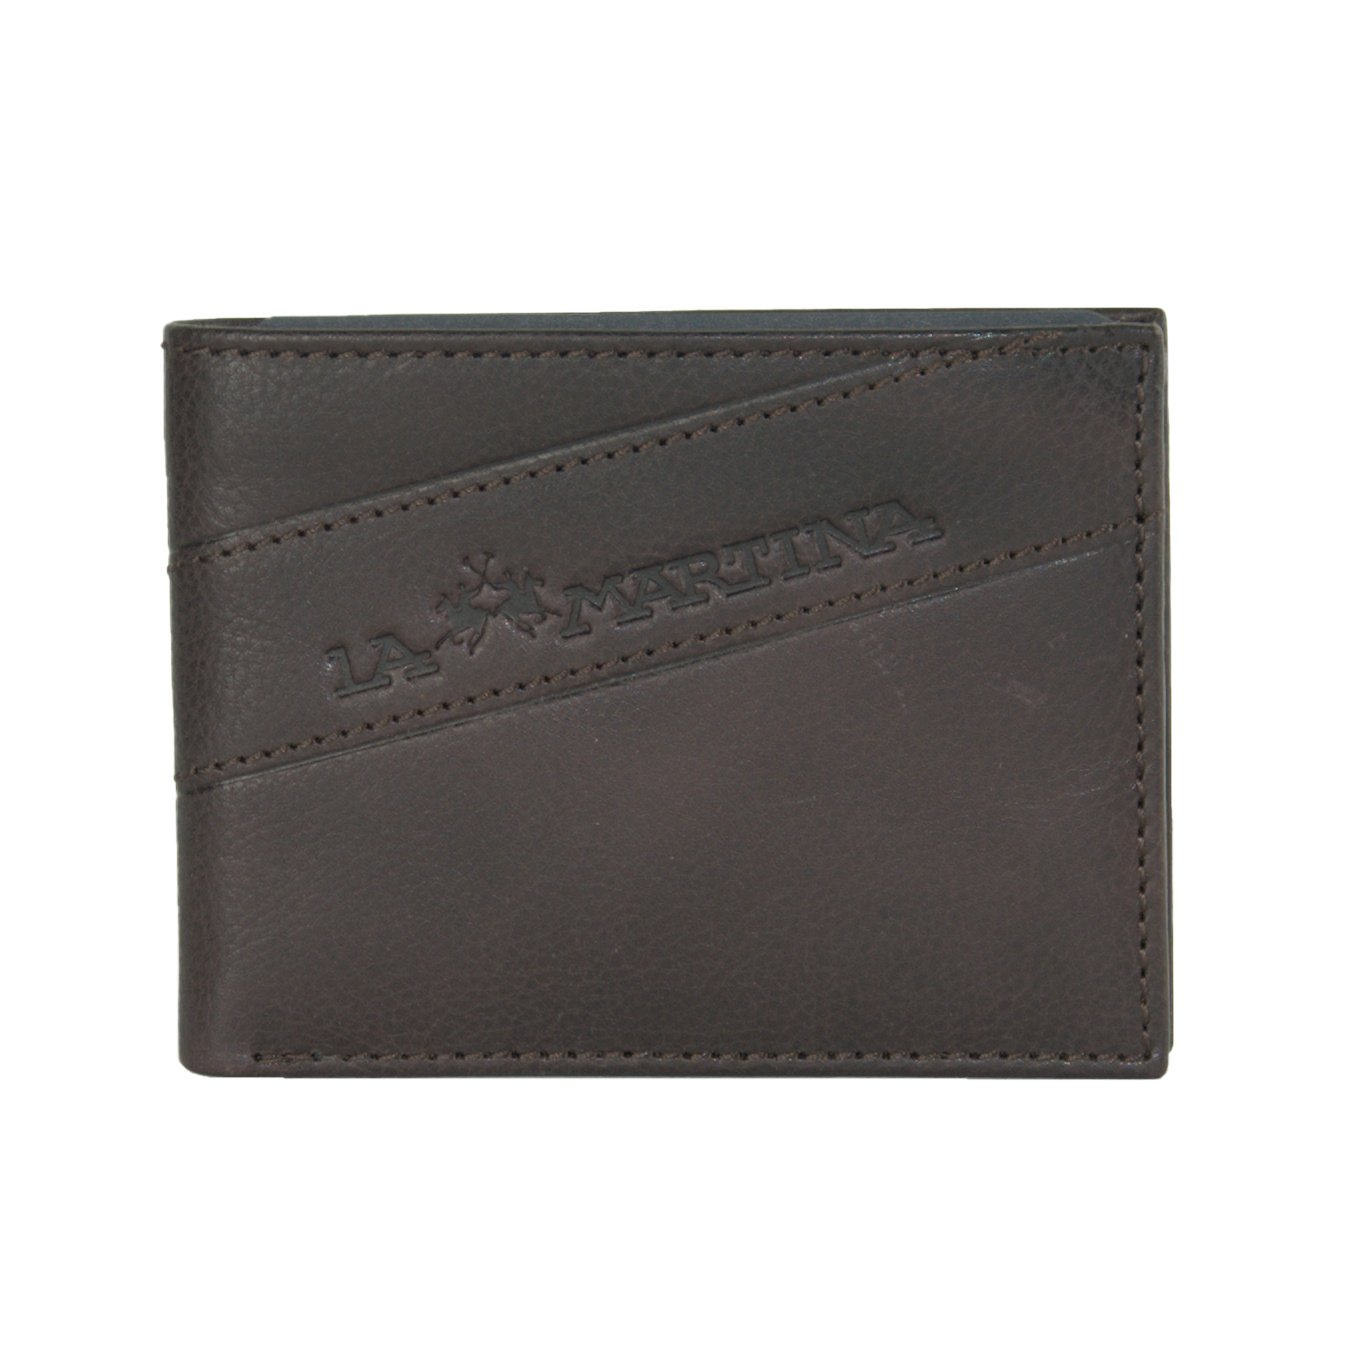 La Martina Men's Wallet Dark Brown LA1432649